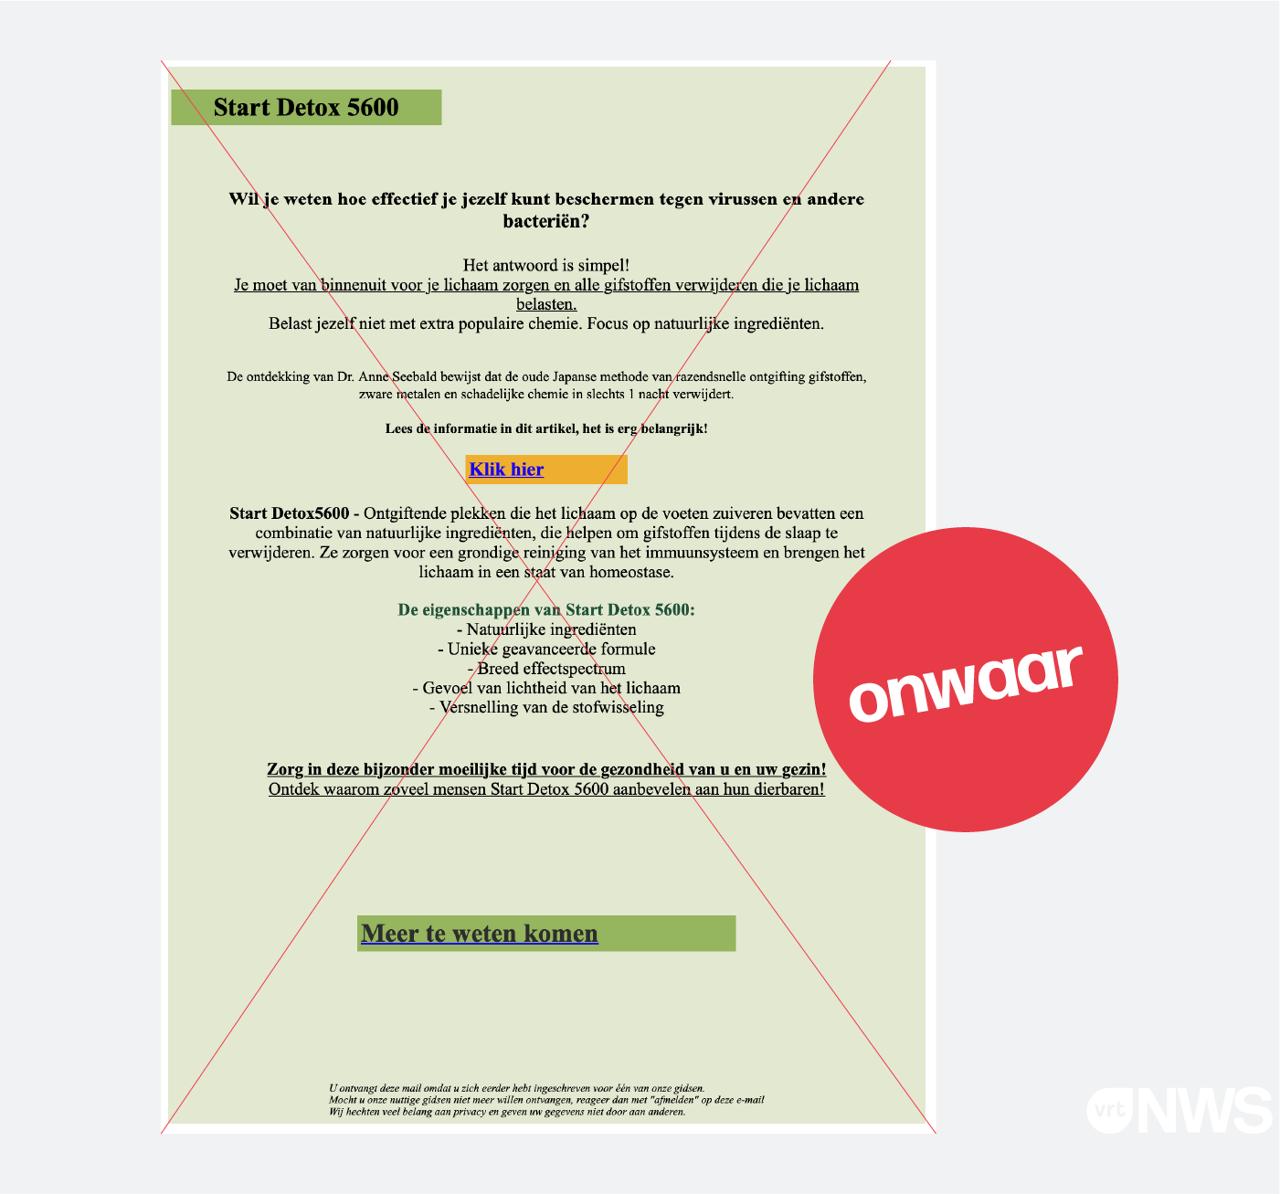 Een mail die rondgaat met een aanbieding voor natuurlijke geneesmiddelen om je te behoeden voor virussen. Dit is oplichting.